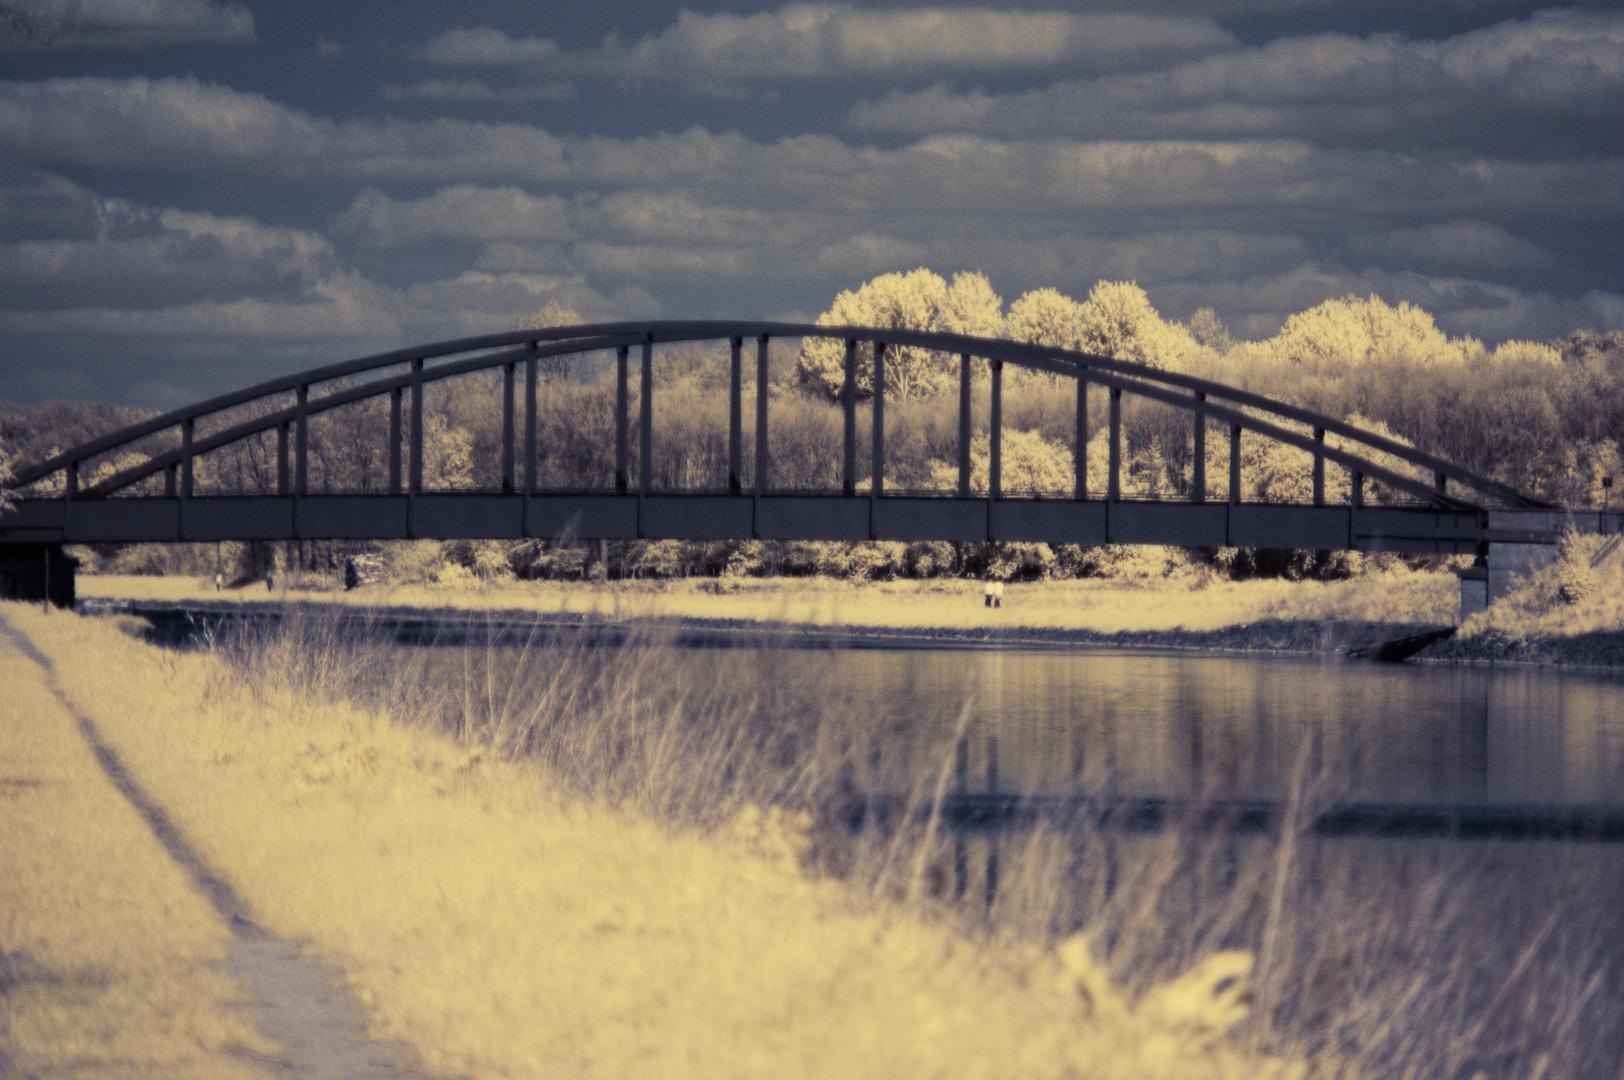 Die Brücke zwischen den Ufern